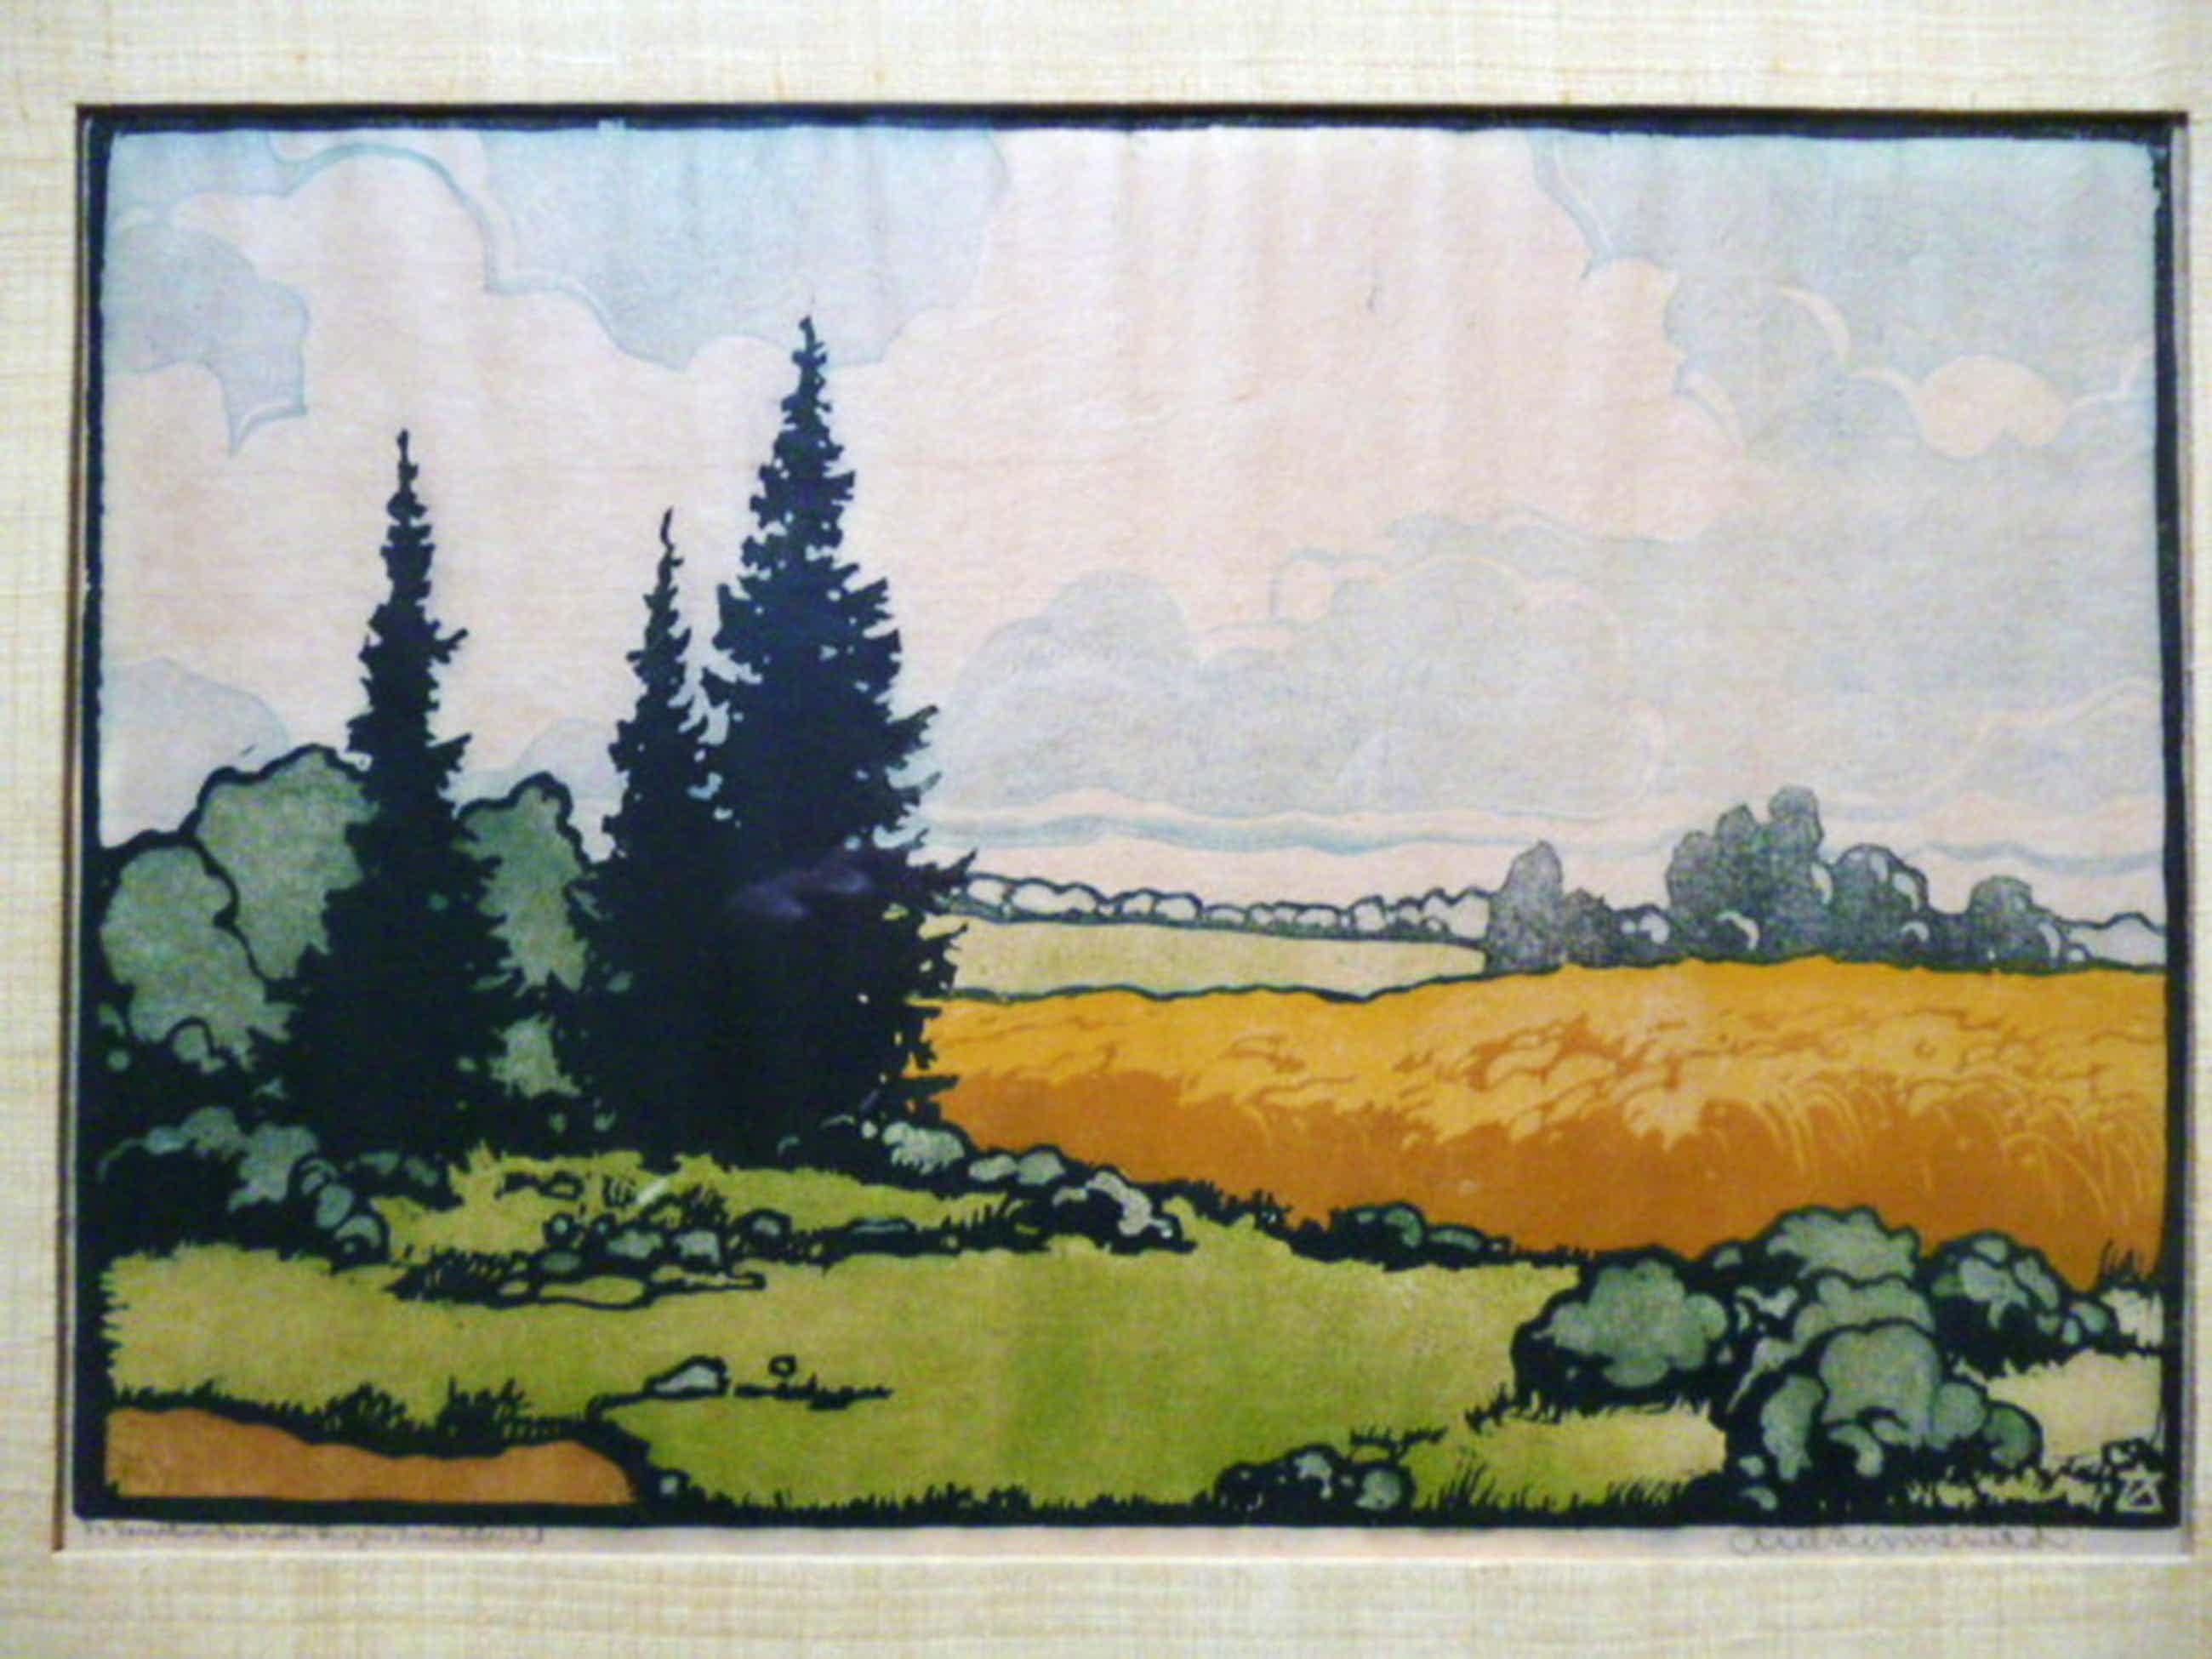 Arie Zonneveld - kleurenhoutsnede - Landschap met sparren kopen? Bied vanaf 310!